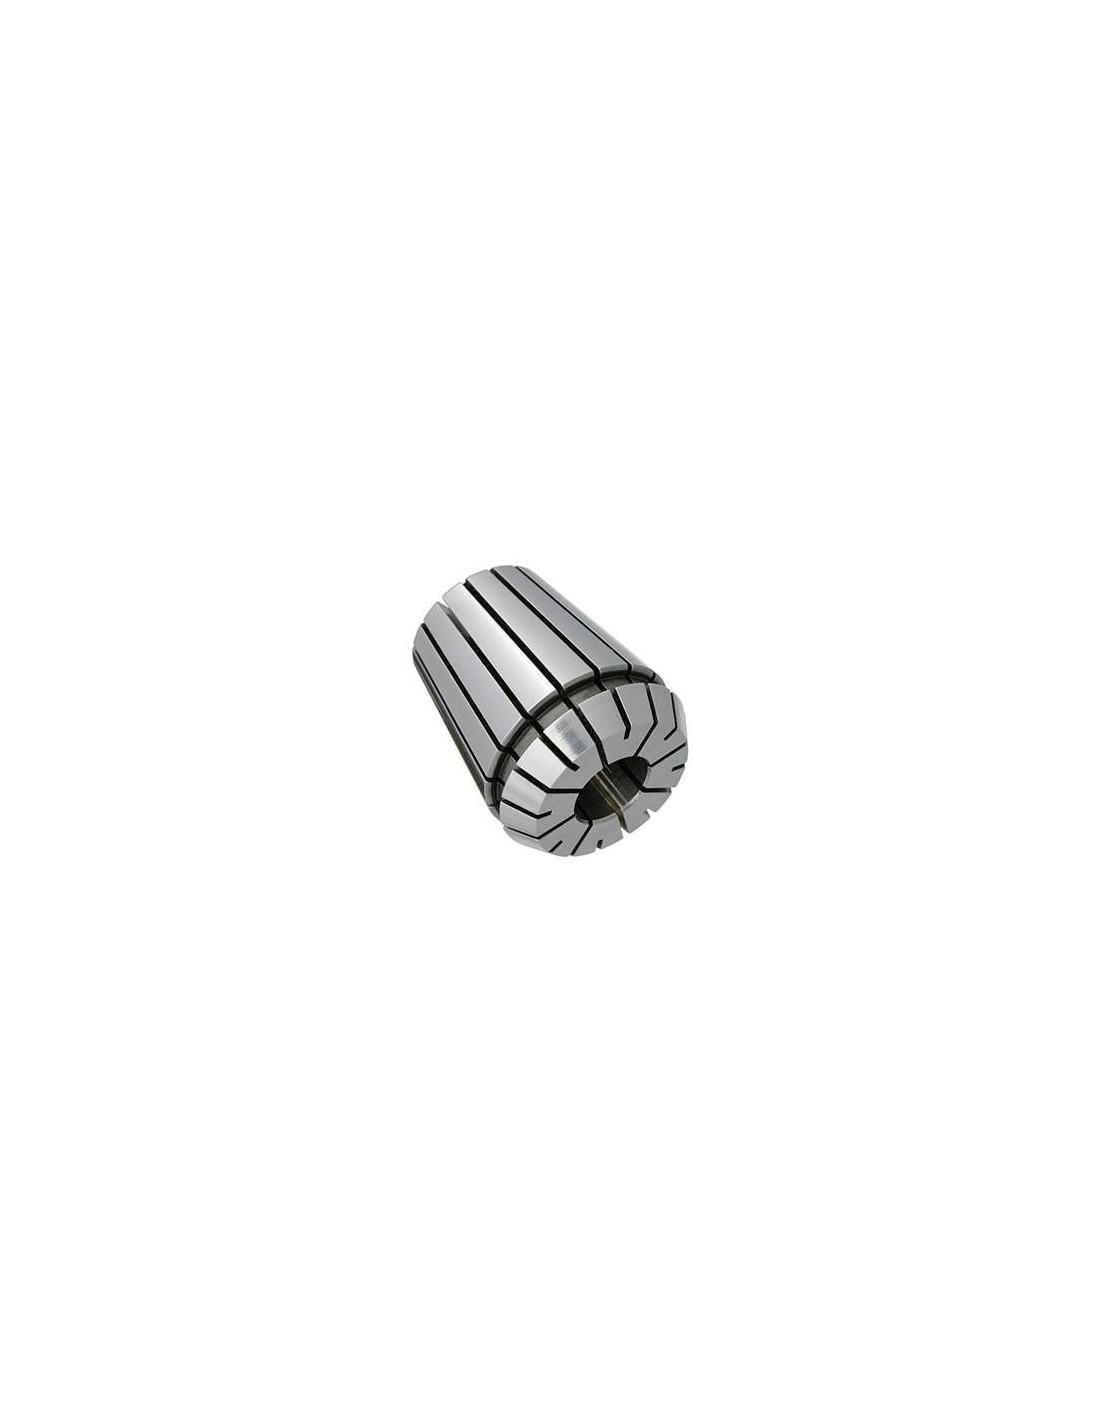 Bucsa elastica Canela tip ER 16, DIN 6499B, 6,0 mm